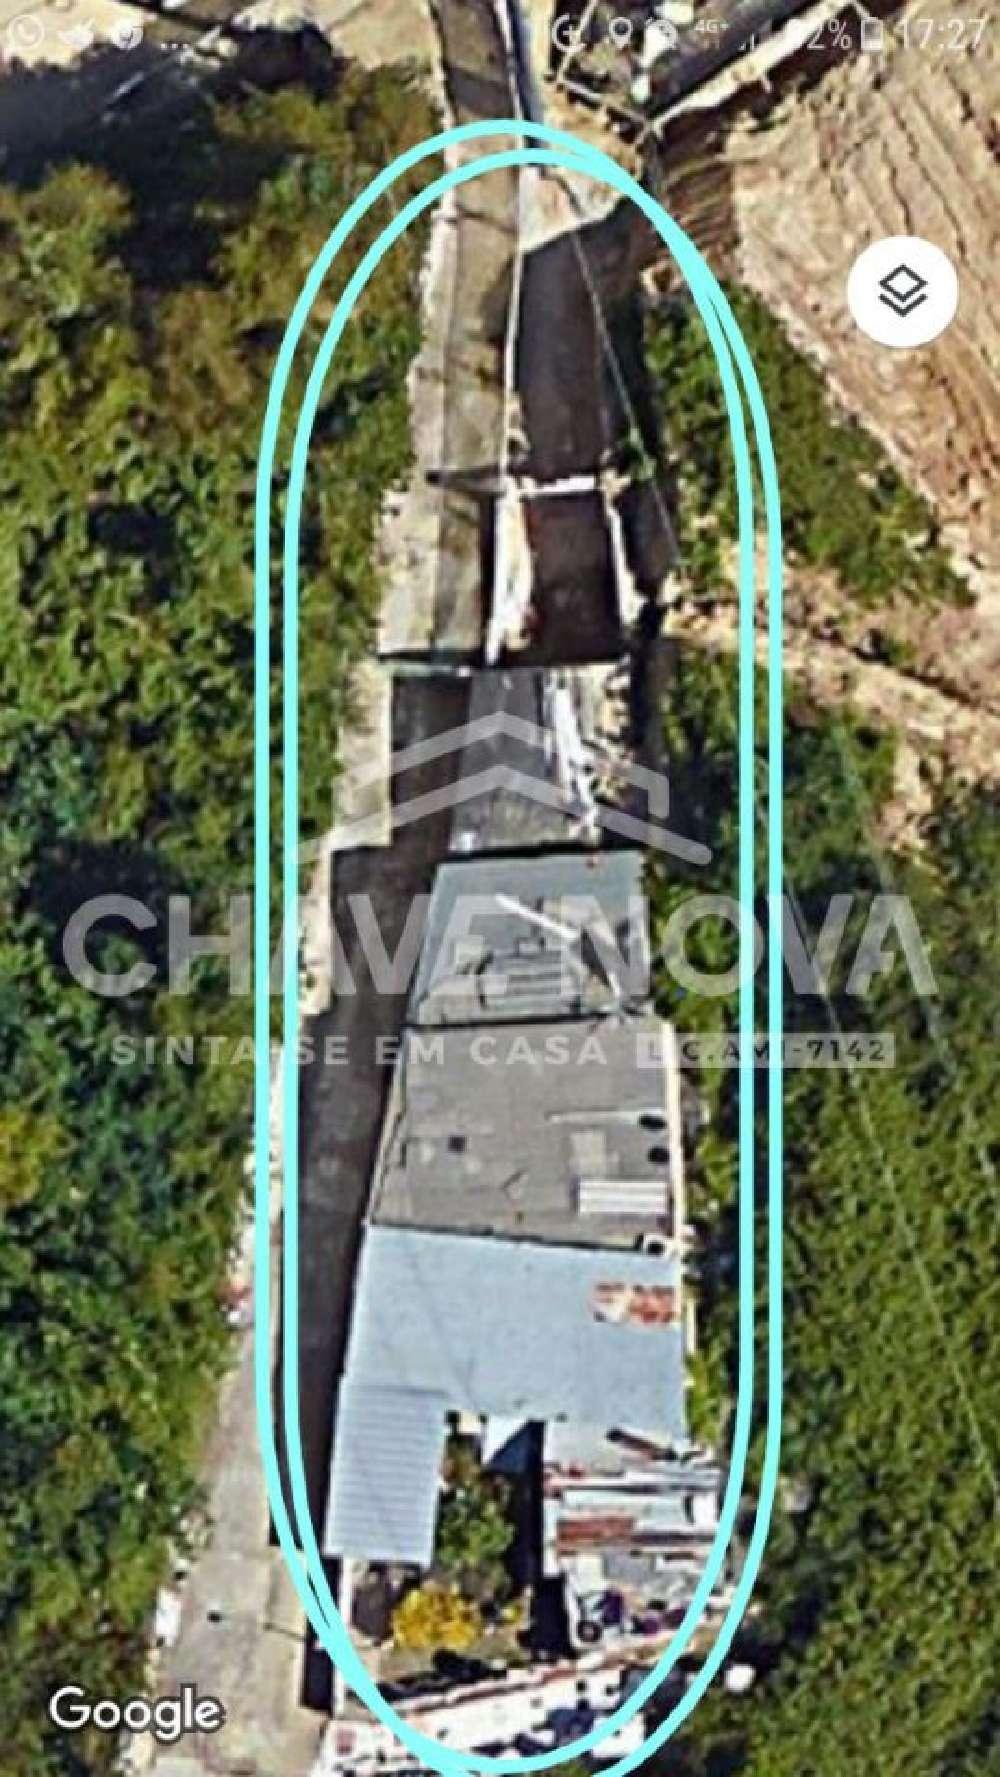 Pedroso Vila Nova De Gaia terreno foto #request.properties.id#